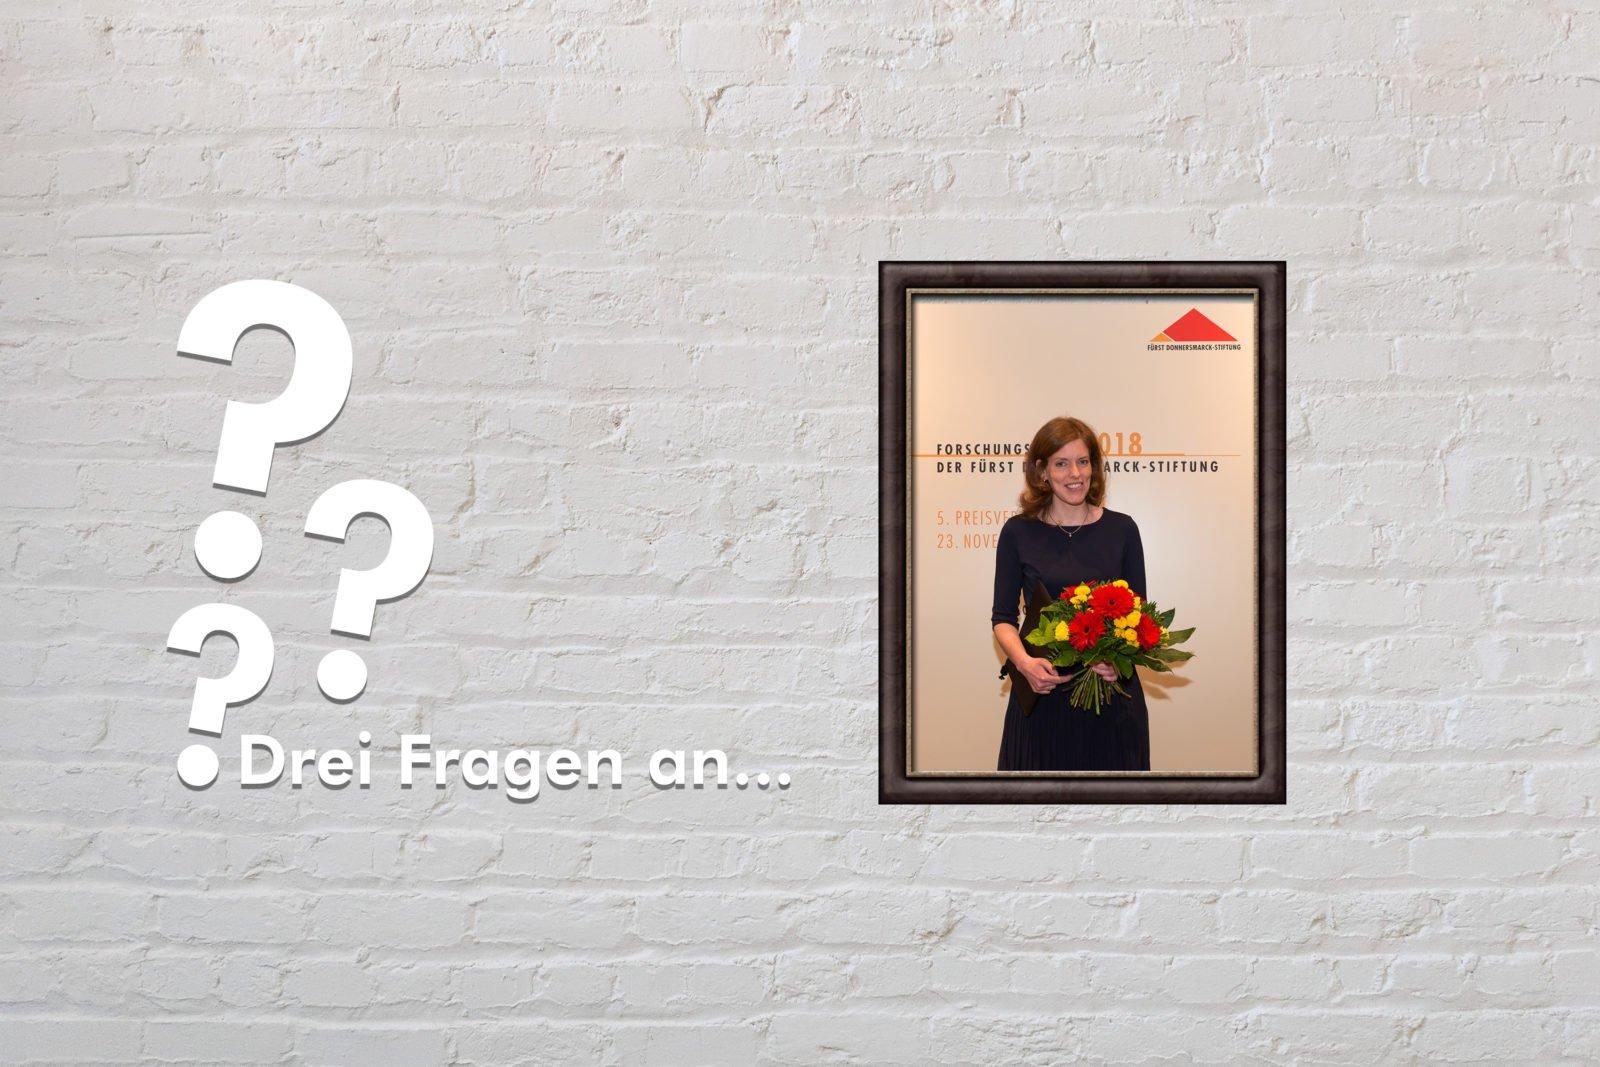 """Zu sehen ist ein Bild von Sonja Suntrup-Krüger auf der Verleihung des Forschungspreis 2018 sowie drei Fragezeichen und der Titel """"Drei Fragen an"""""""